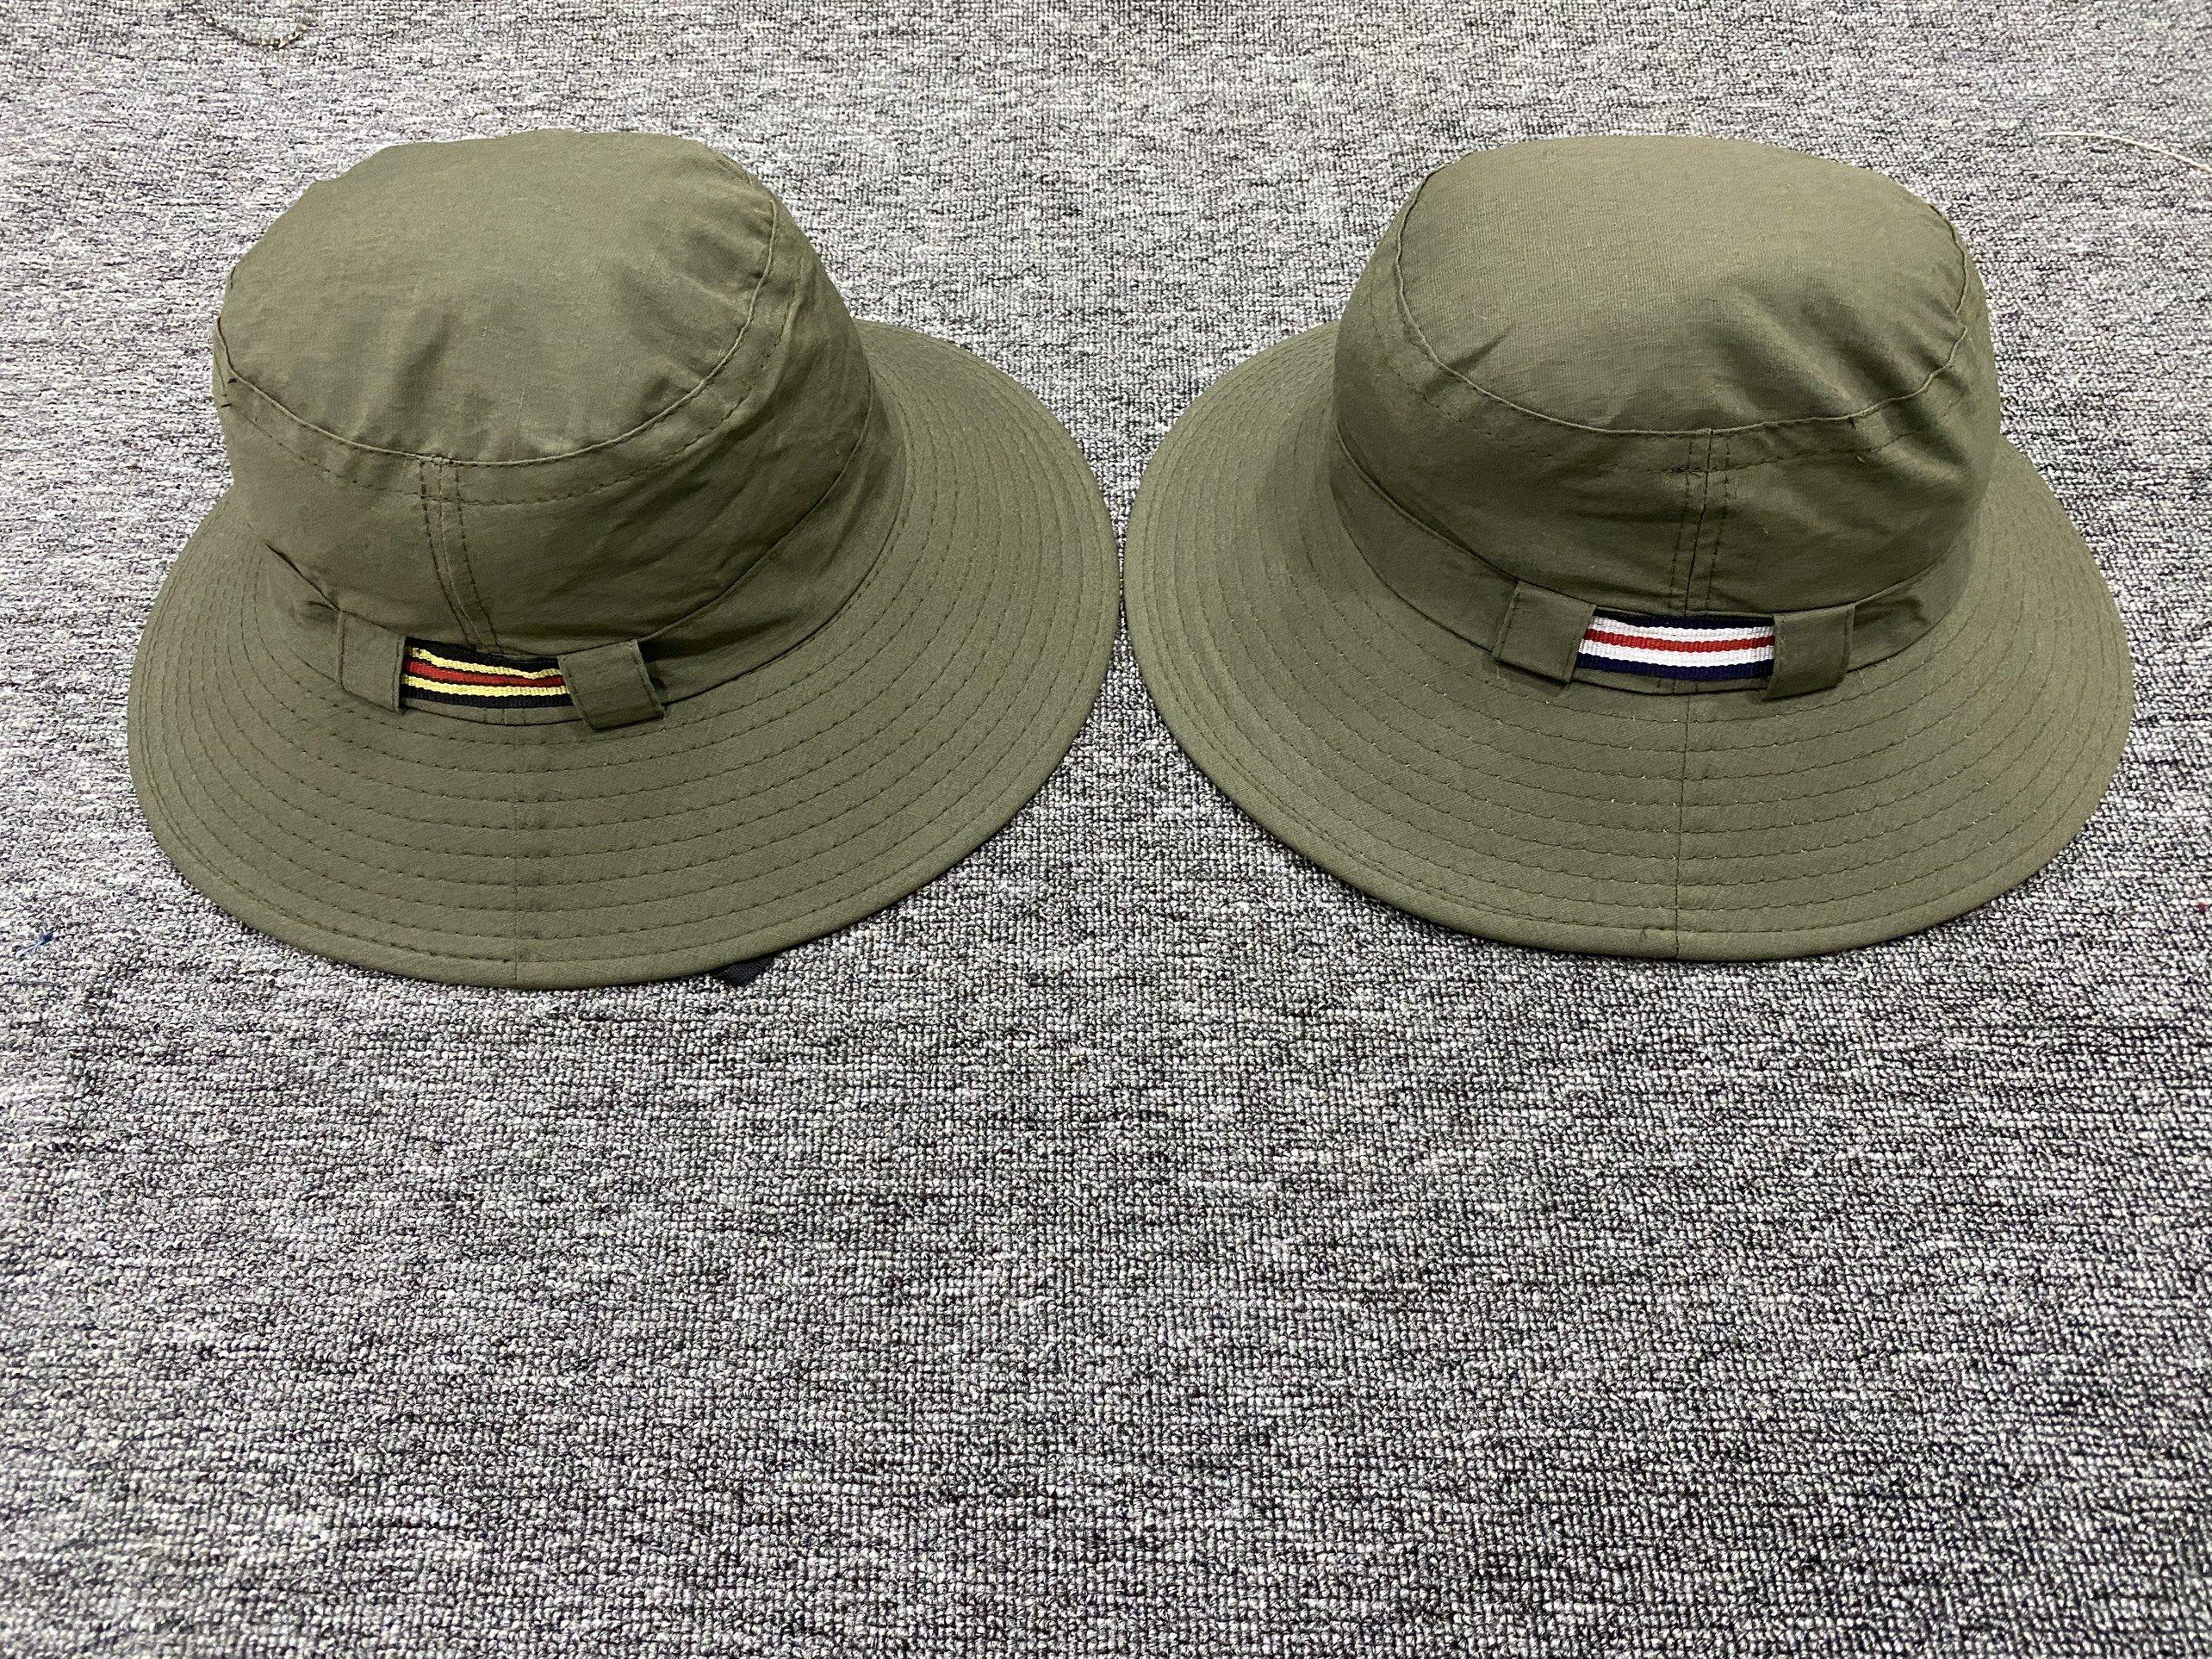 Nhận sản xuất, in thêu logo nón tai bèo